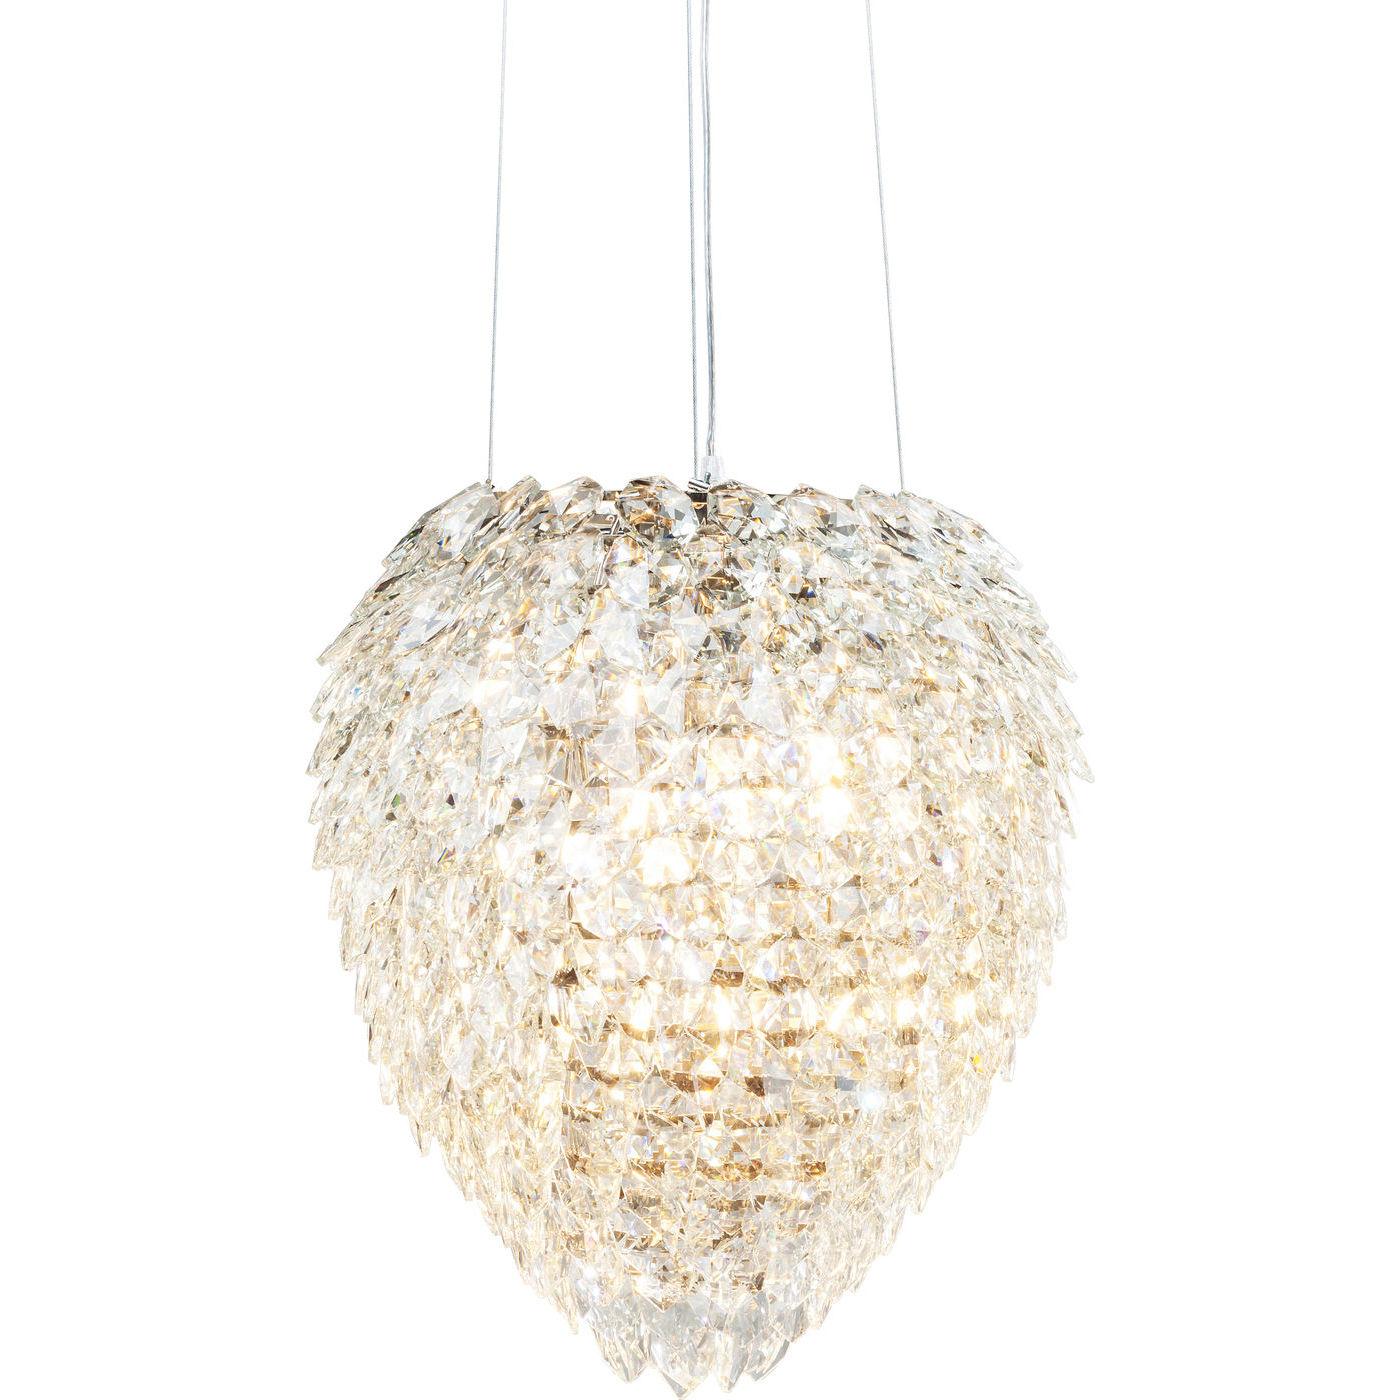 Billede af Kare Design Loftslampe, Crystal Comp